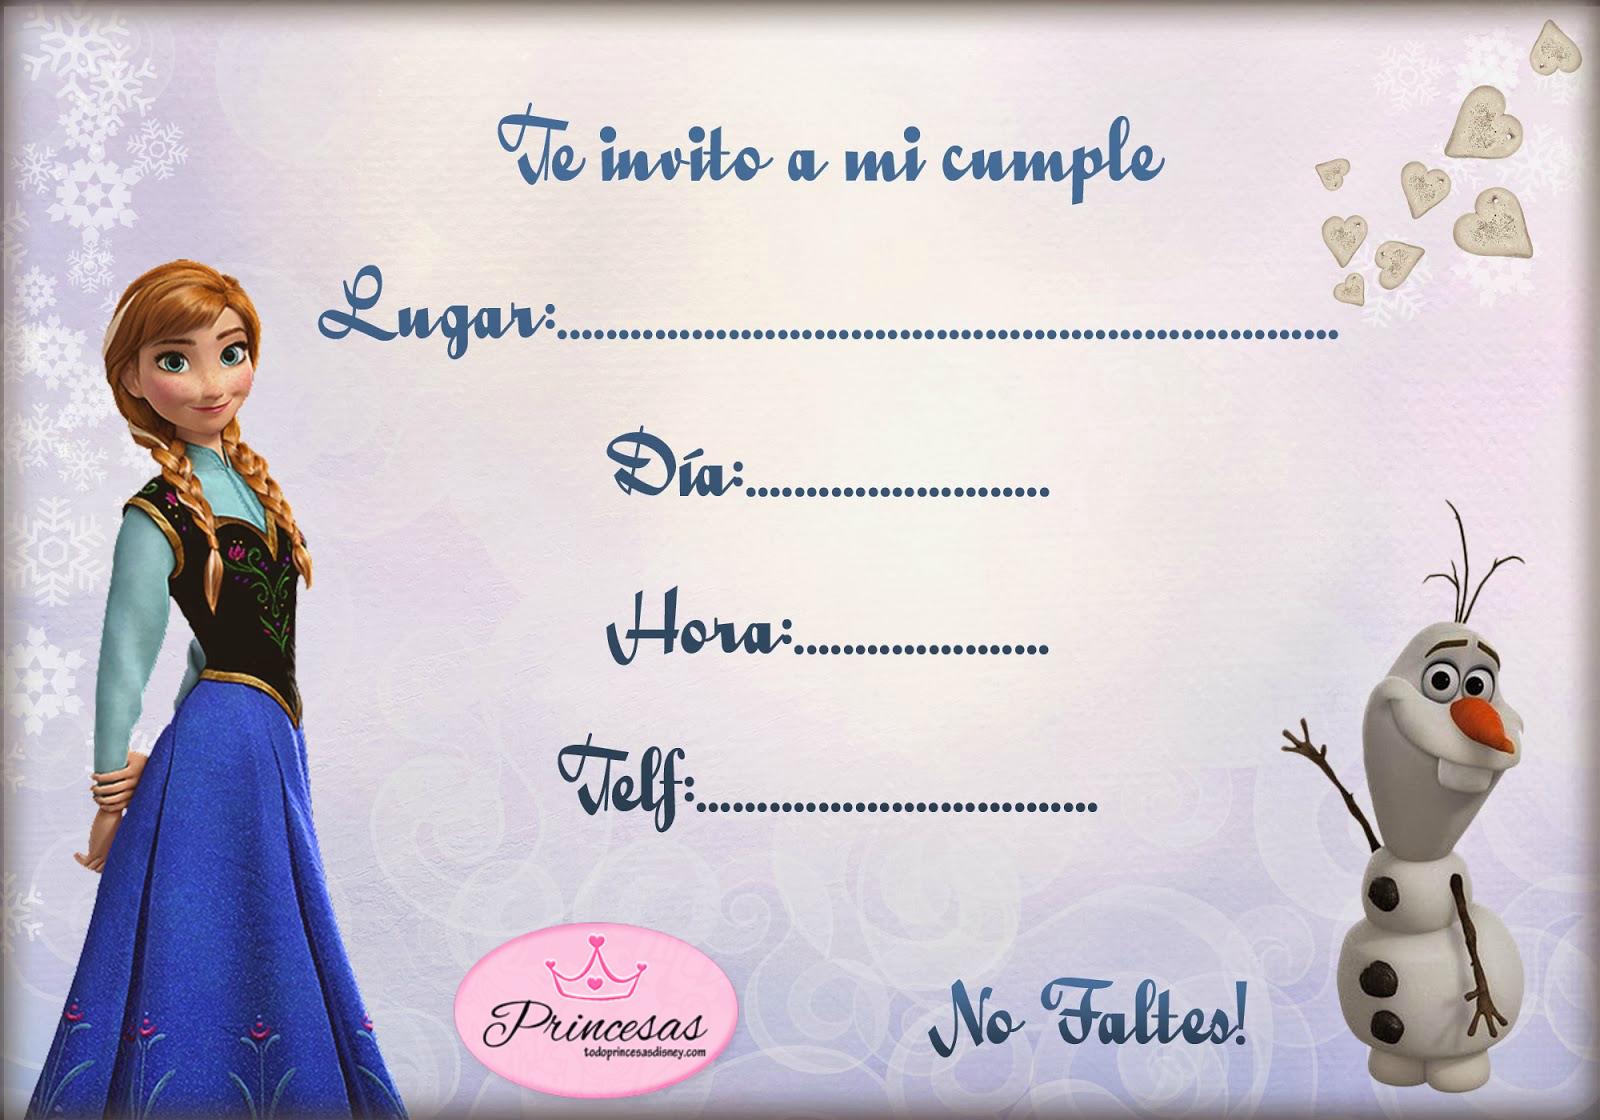 Invitaciones De Cumpleaños Con Foto Para Imprimir 11 en HD Gratis ...